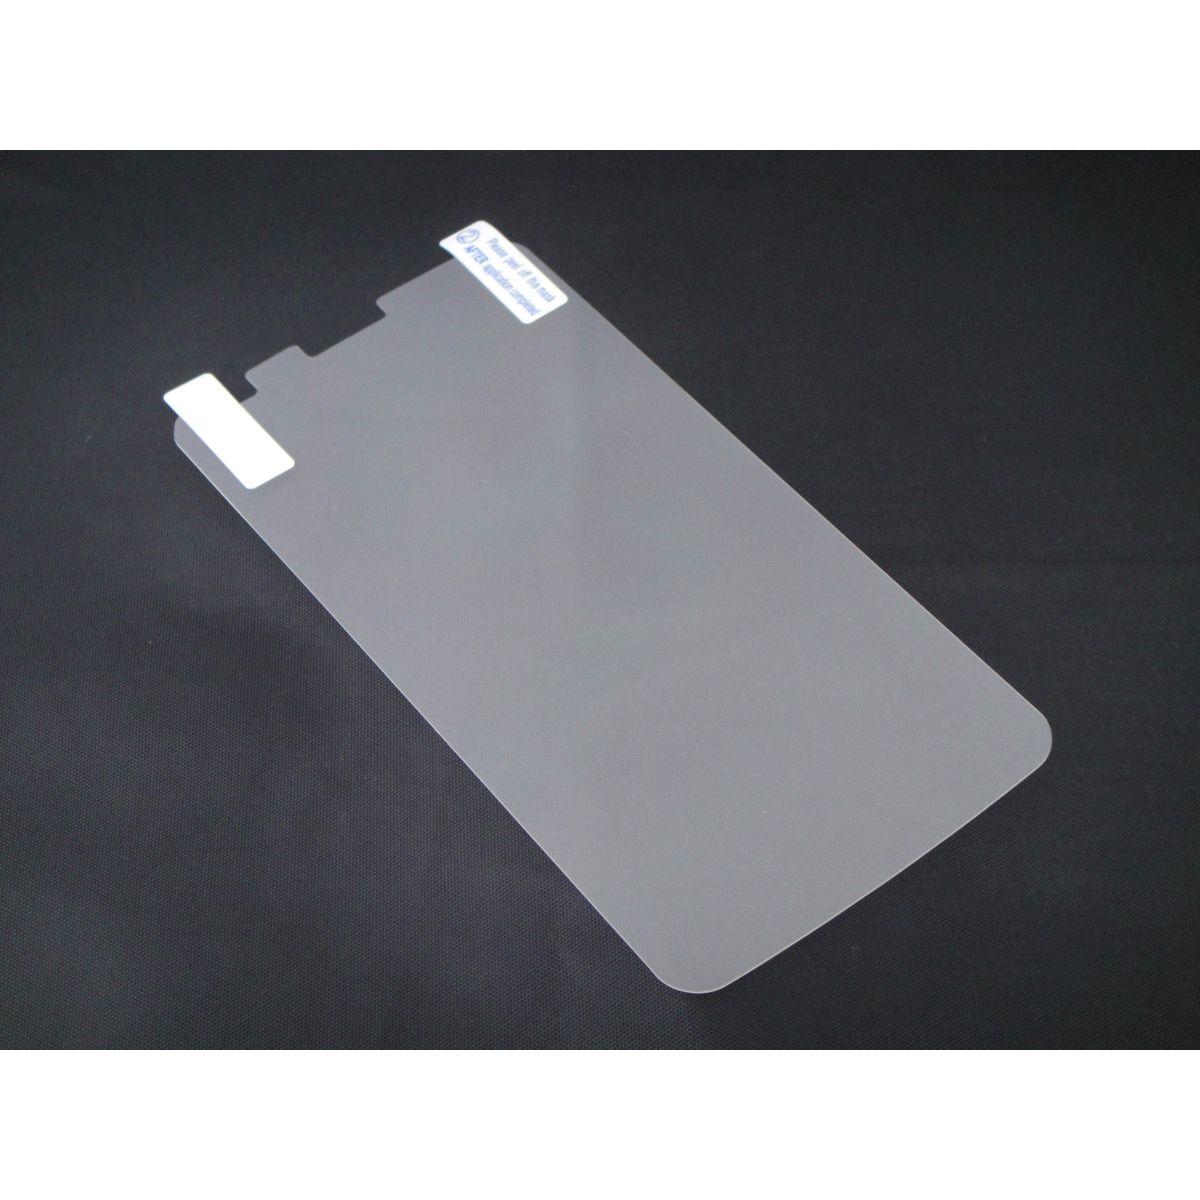 Pelicula Protetora para LG G Flex D950 D956 D958 D959 Fosca